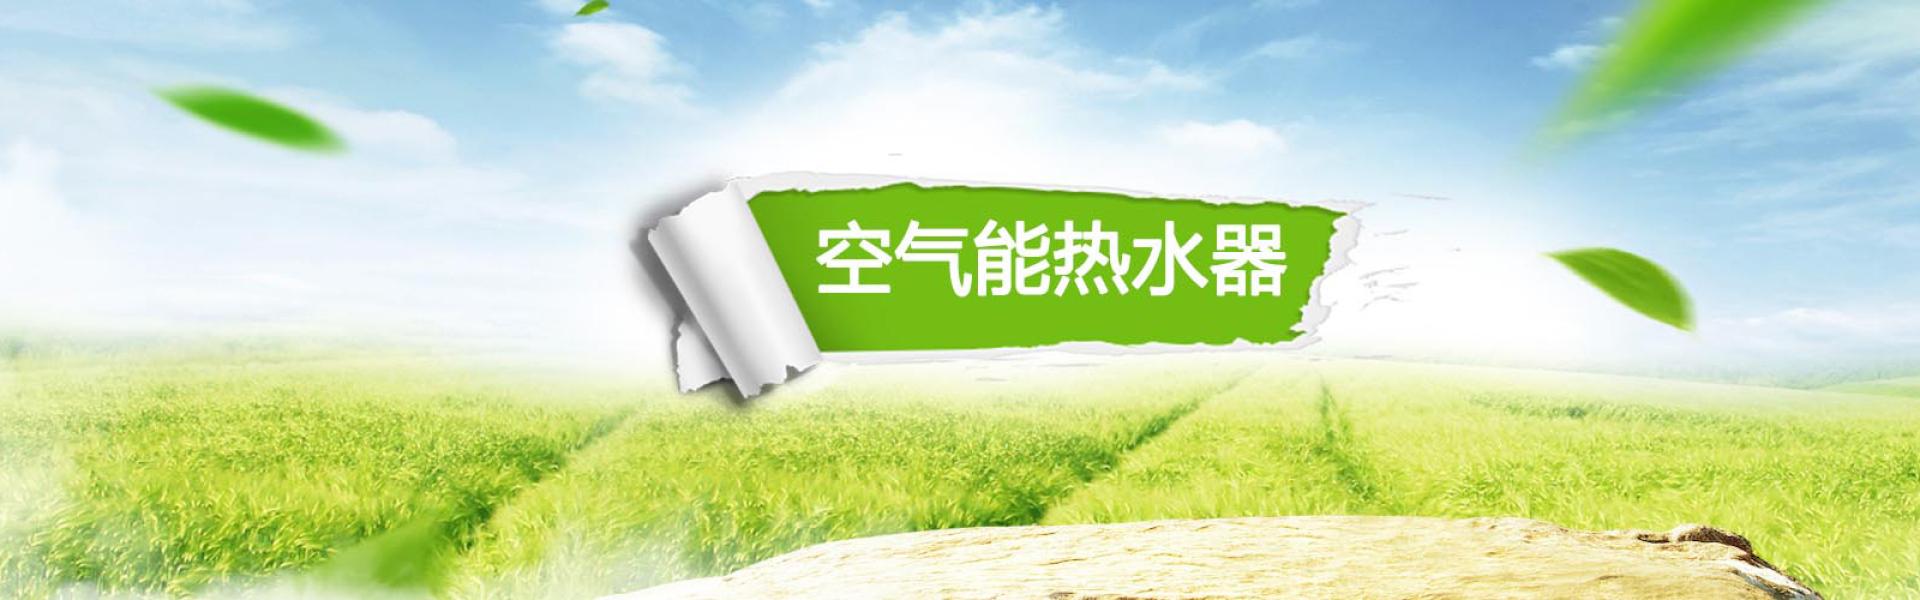 金恩机电网站大图-武汉空气能